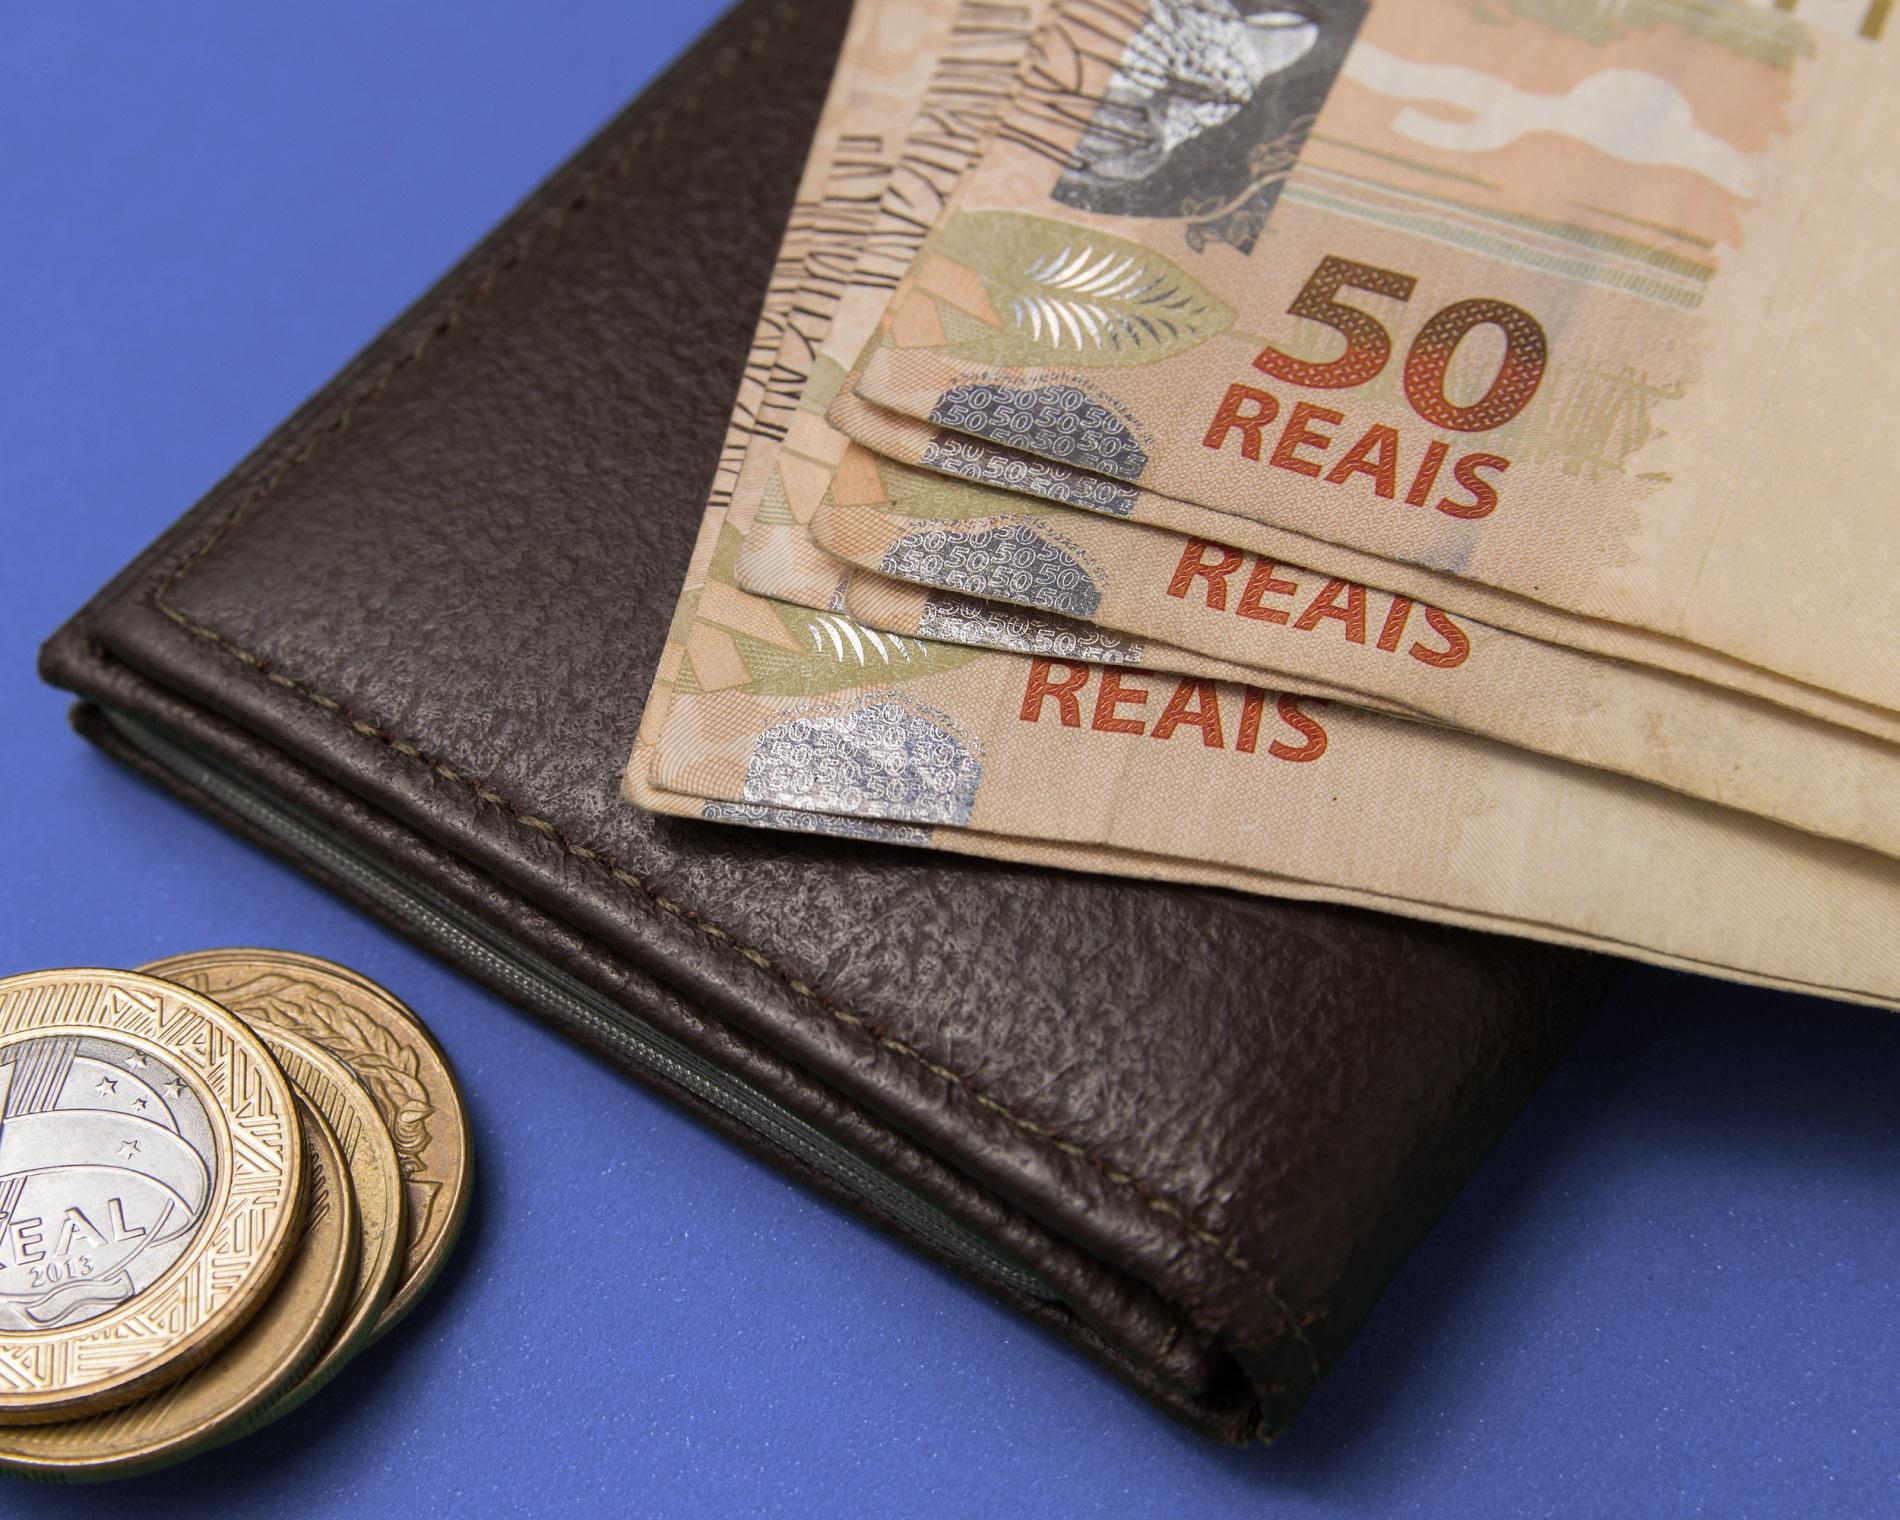 pagamento em dinheiro | cash payment